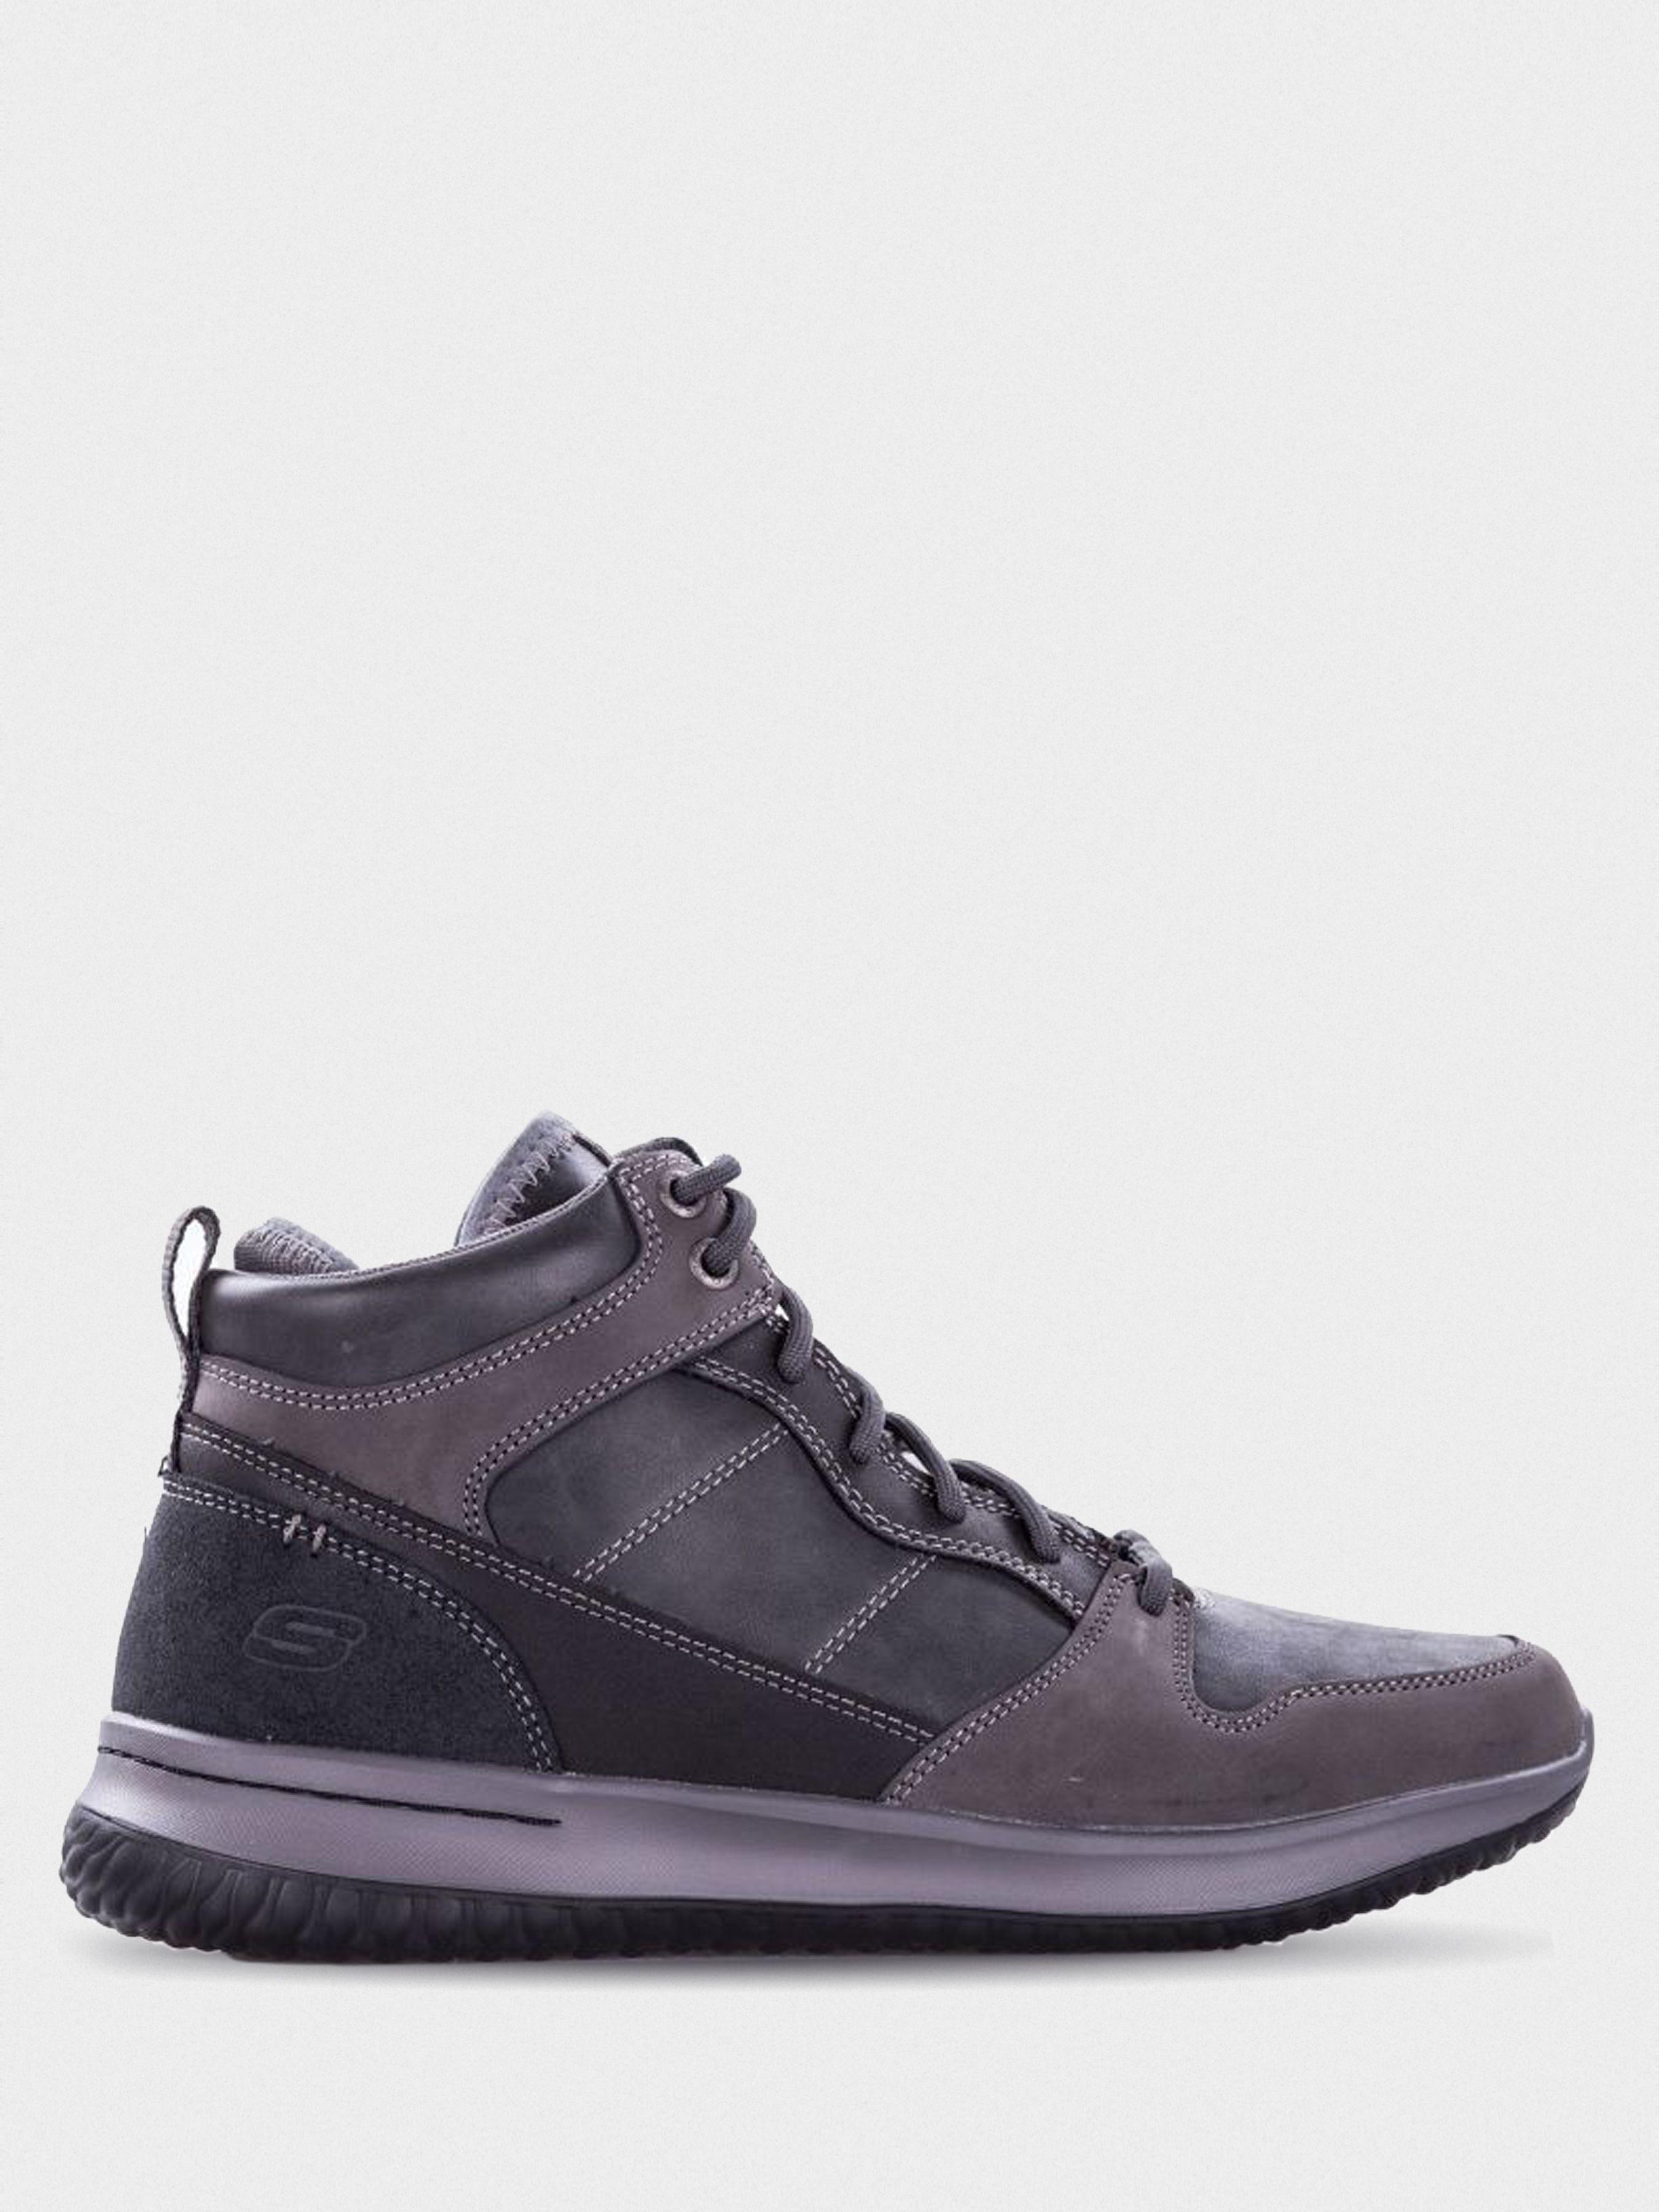 Ботинки для мужчин Skechers KM3004 купить в Интертоп, 2017